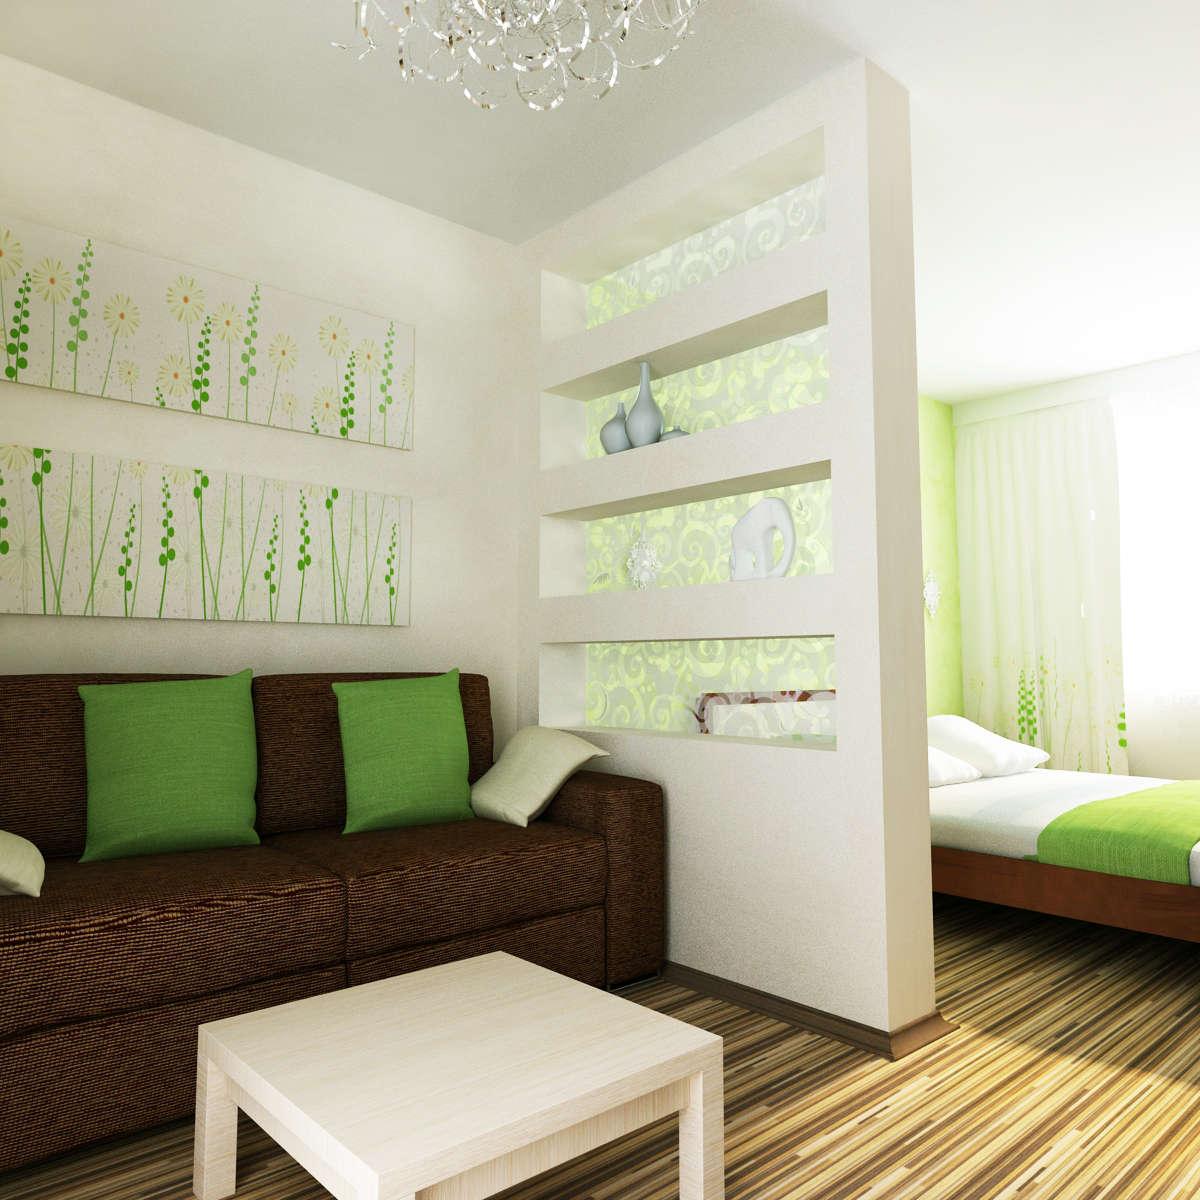 Идея для квадратной комнаты